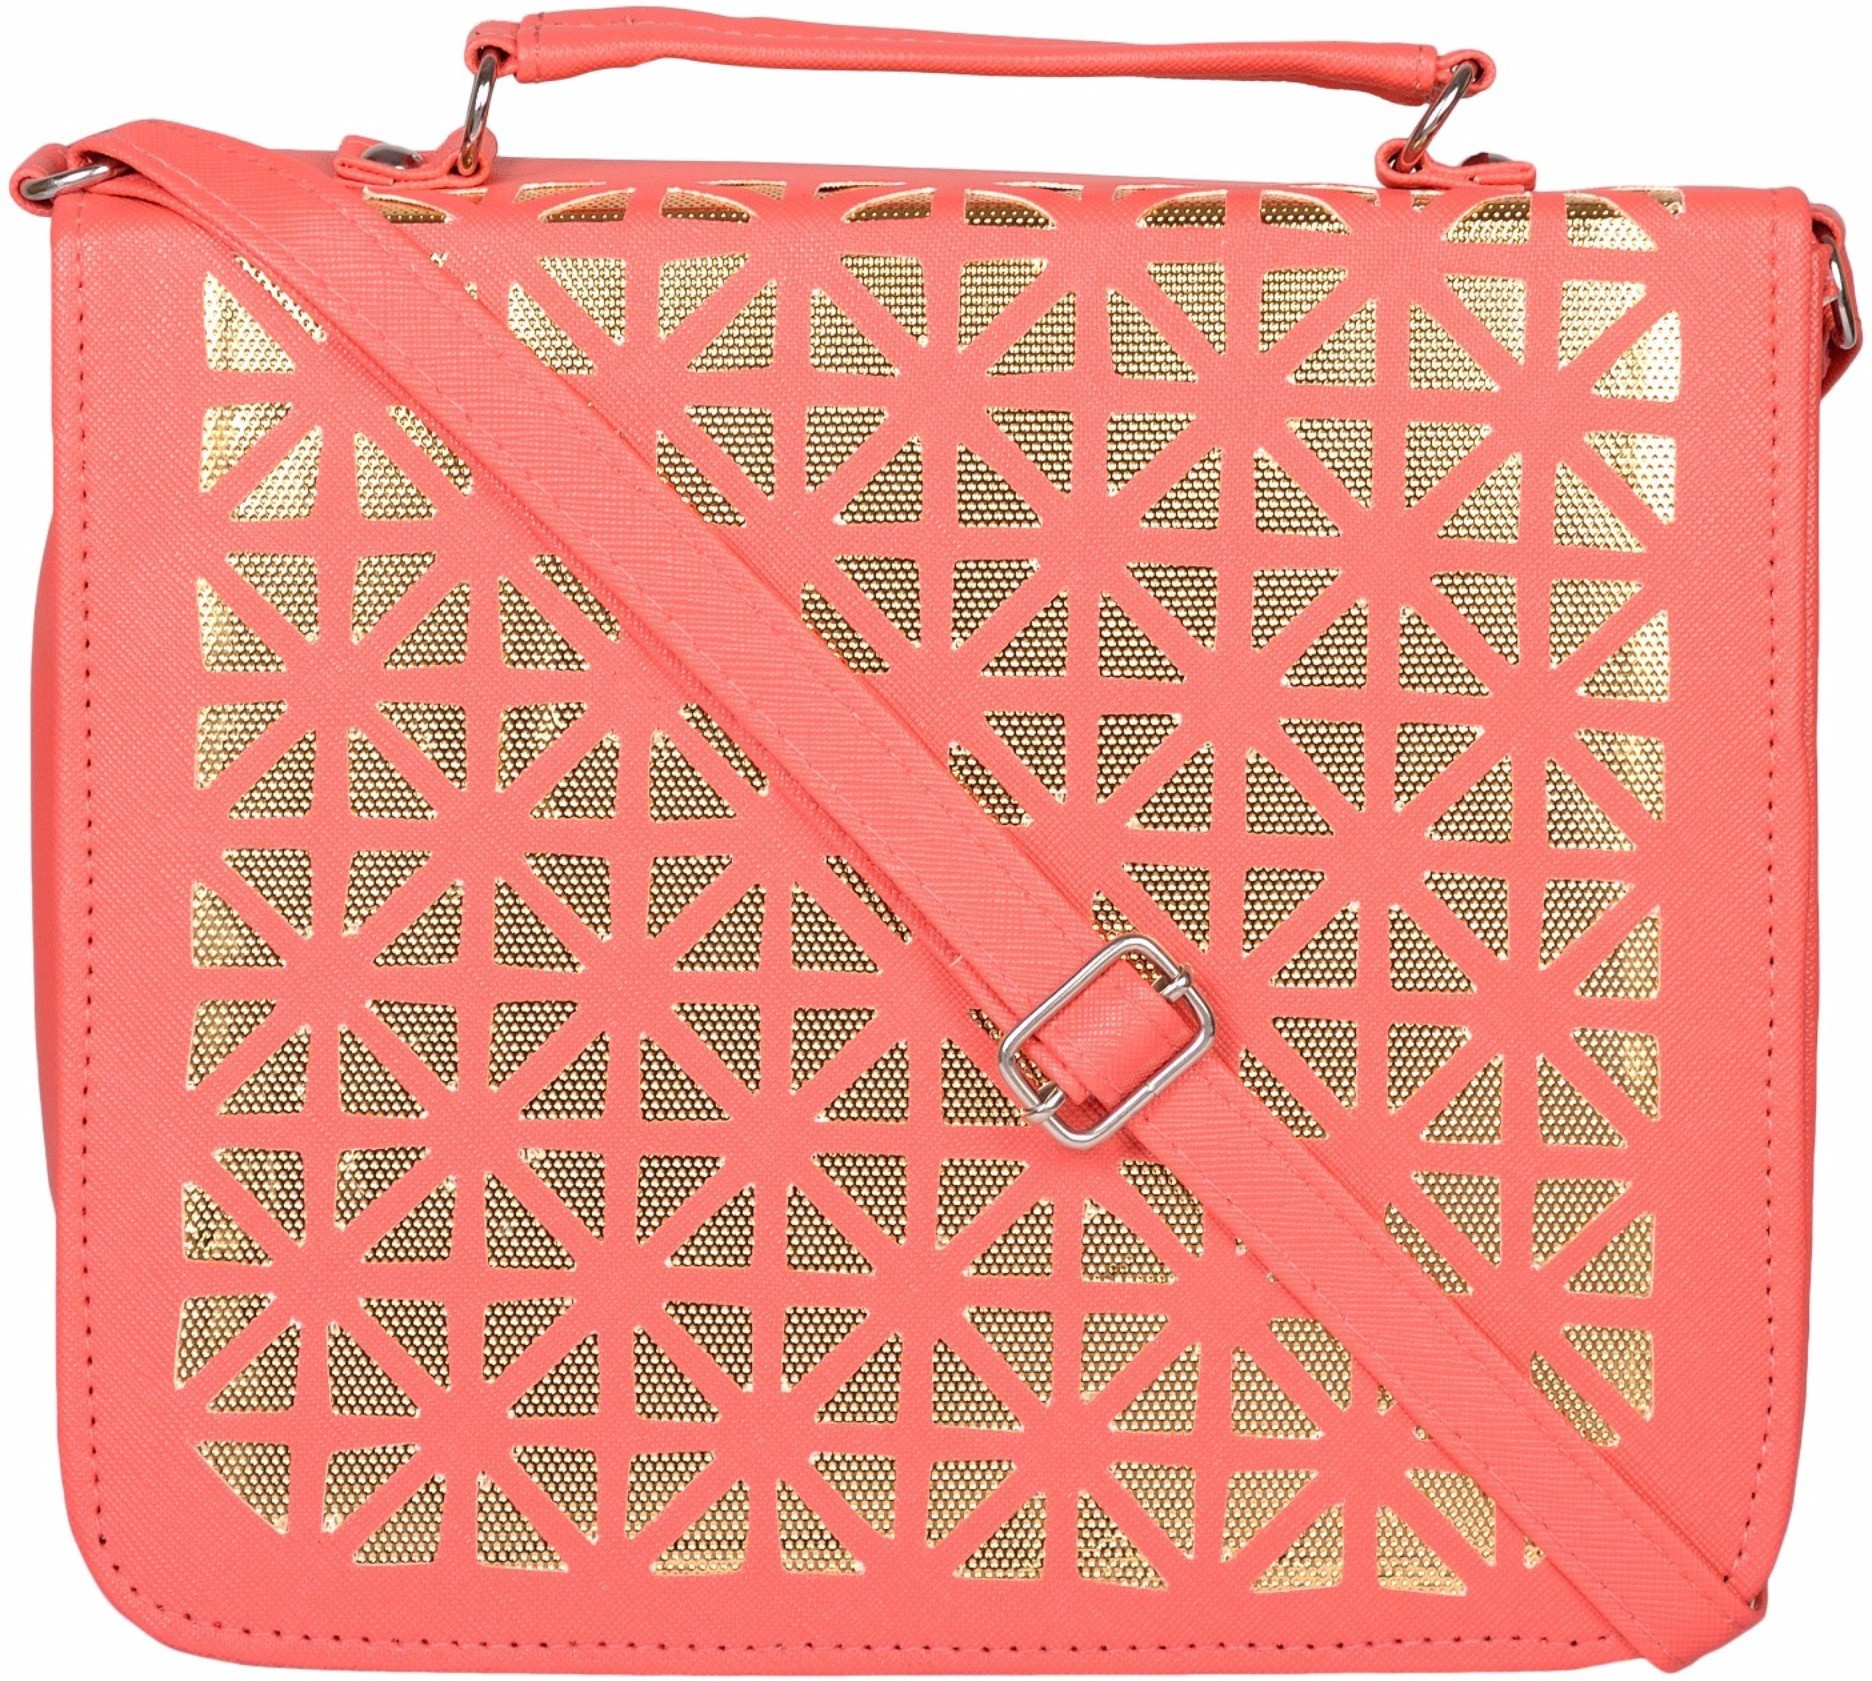 Sling bag below 500 - Cuddle Women Pink Pu Sling Bag